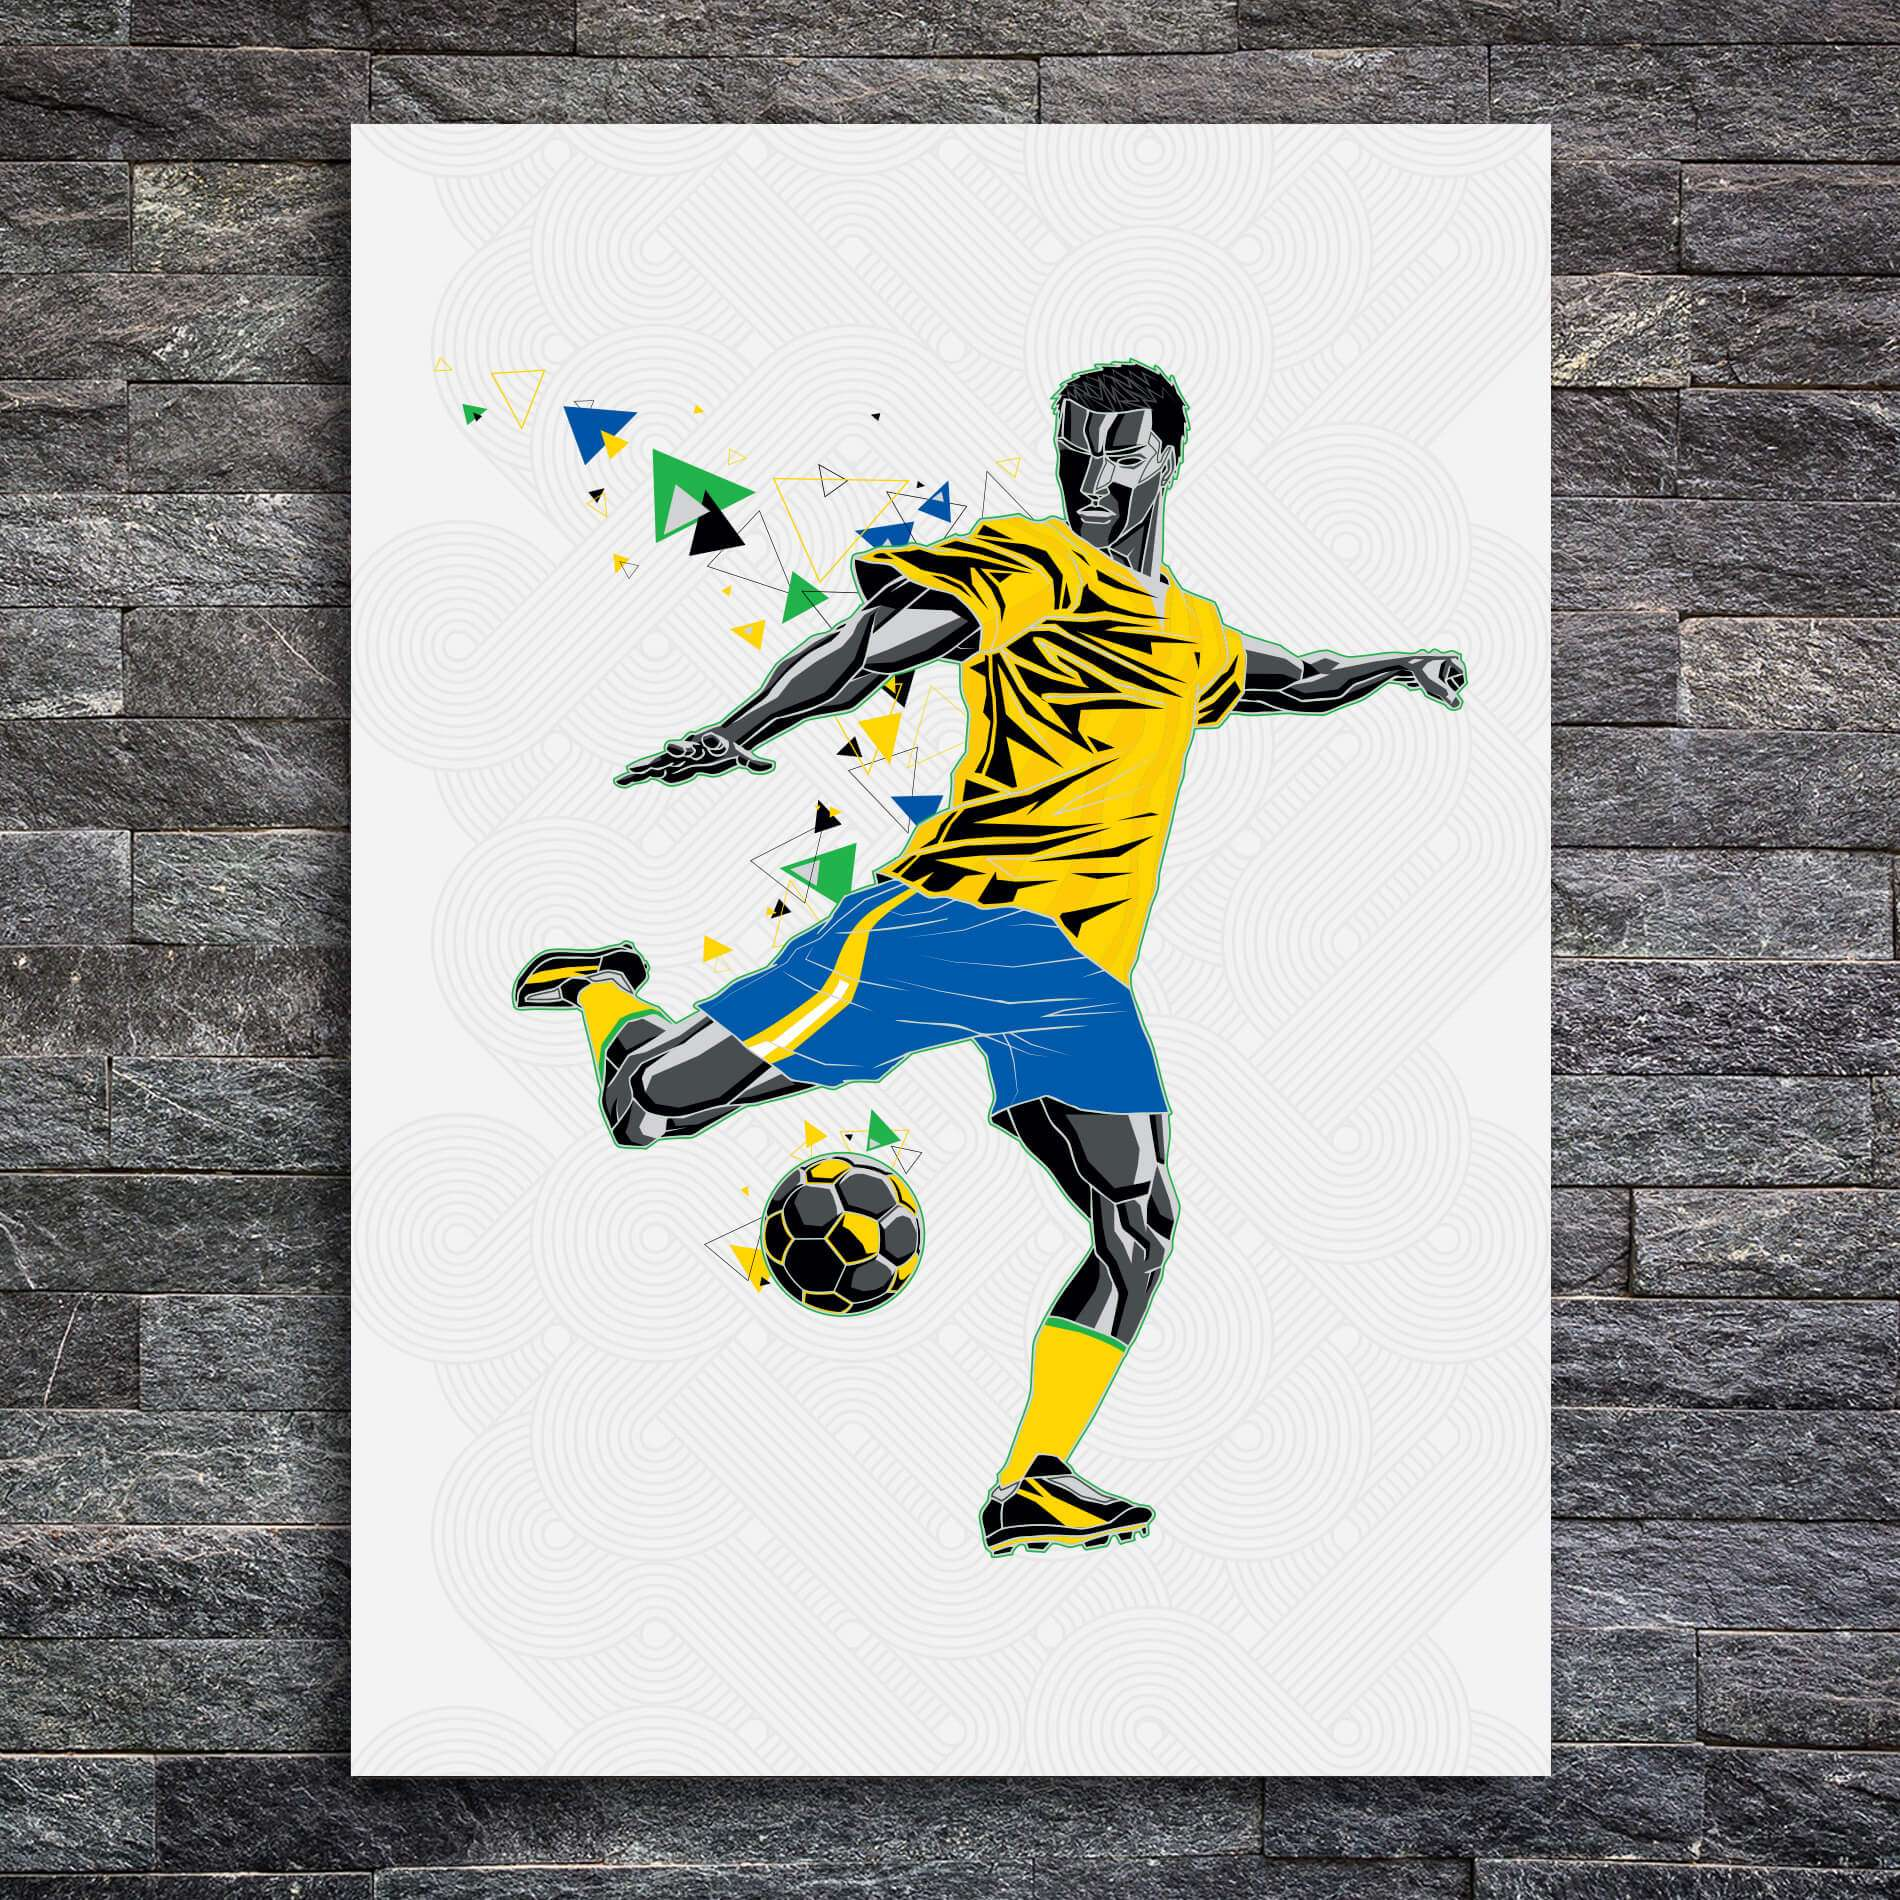 Placa Decorativa MDF Jogador de Futebol Chute a Gol 20x30cm 7c4dcceaf8267